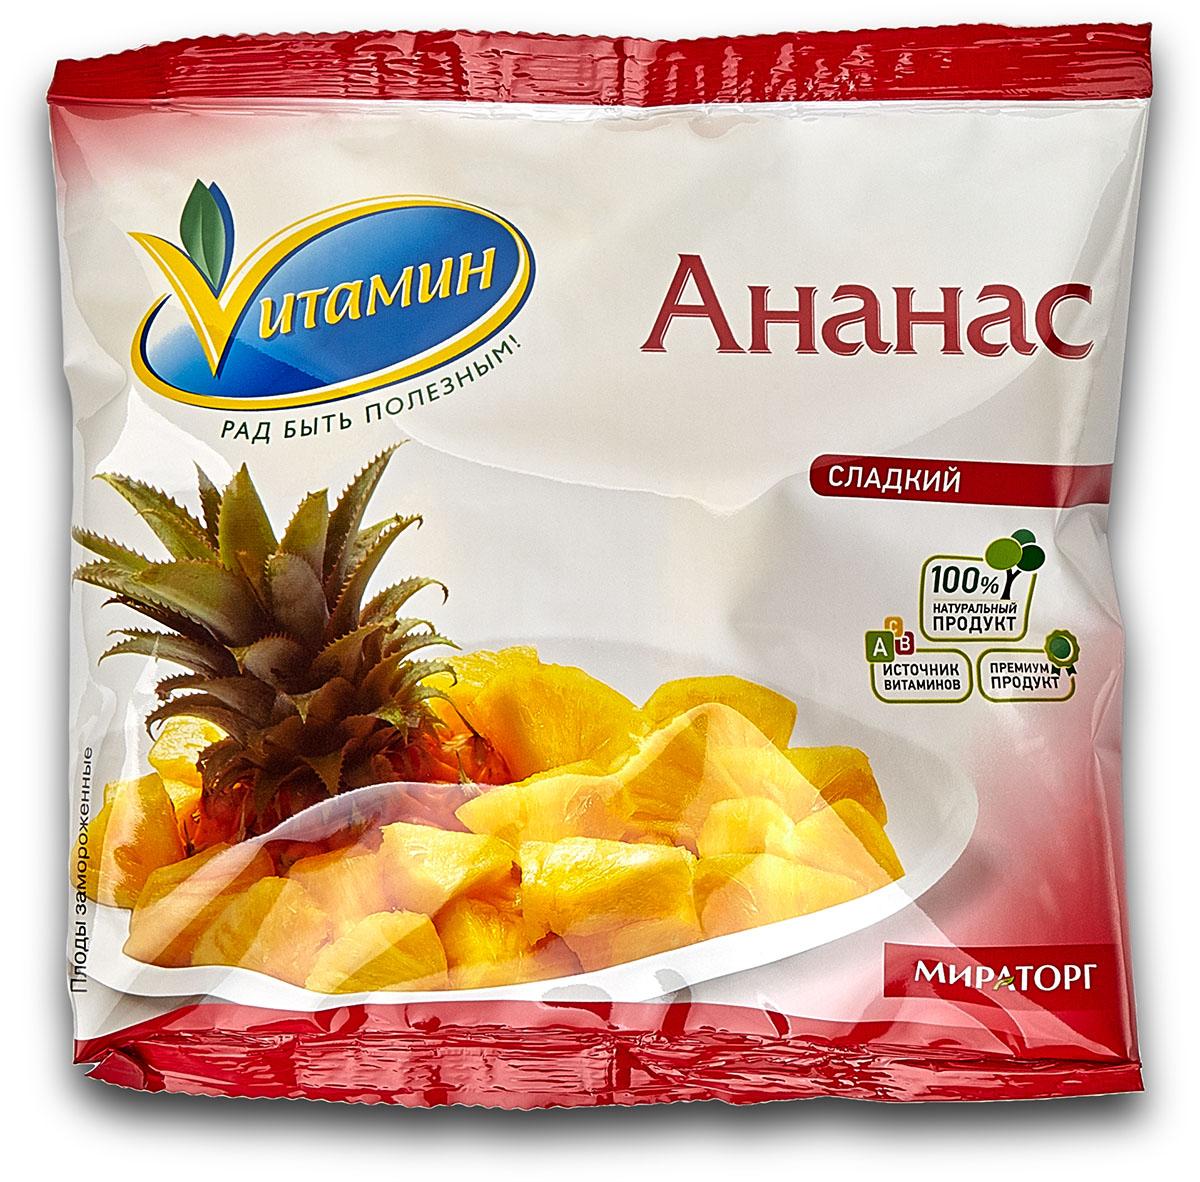 Ананас сладкий Vитамин, 300 г аминокислоты prime kraft bcaa 2 1 1 ананас 150 г